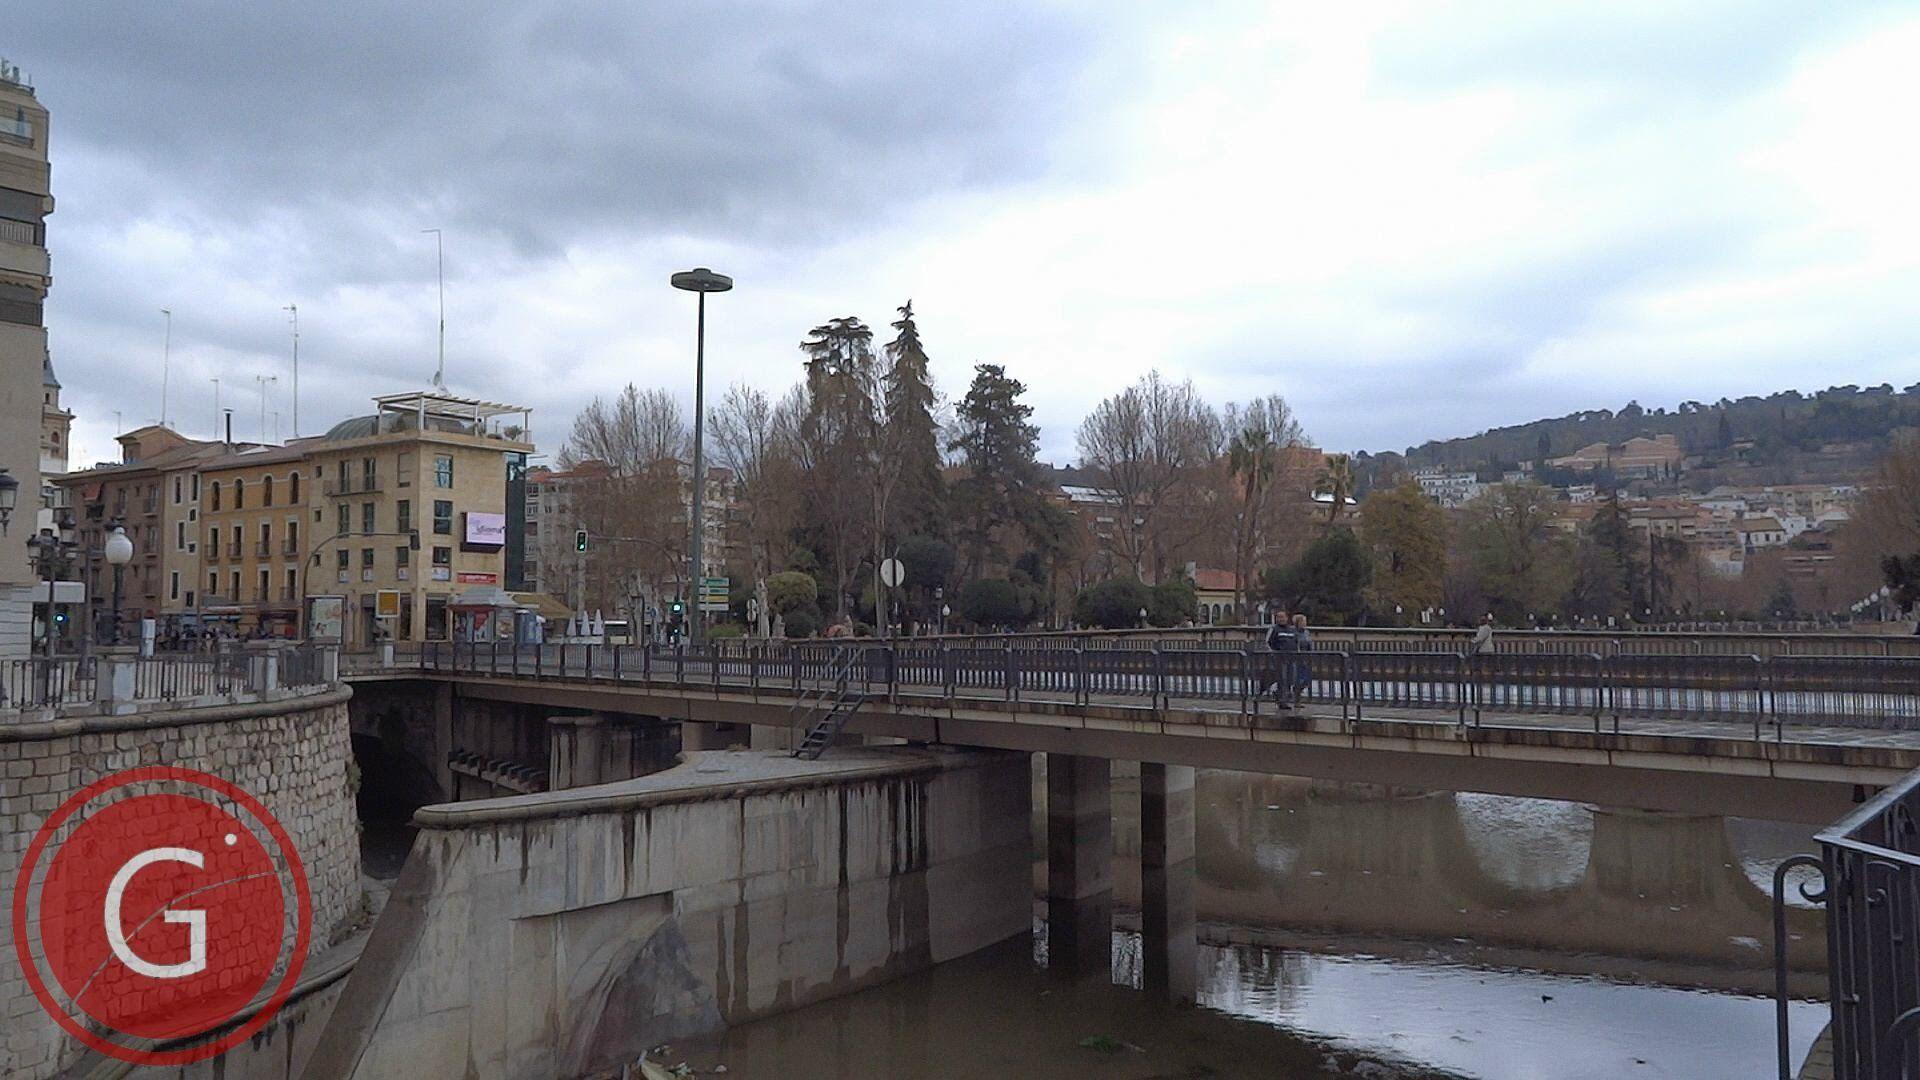 GRANADA | CENTRO | Confluencia de los ríos Darro y Genil desde calle Ribera del Genil, 2/2